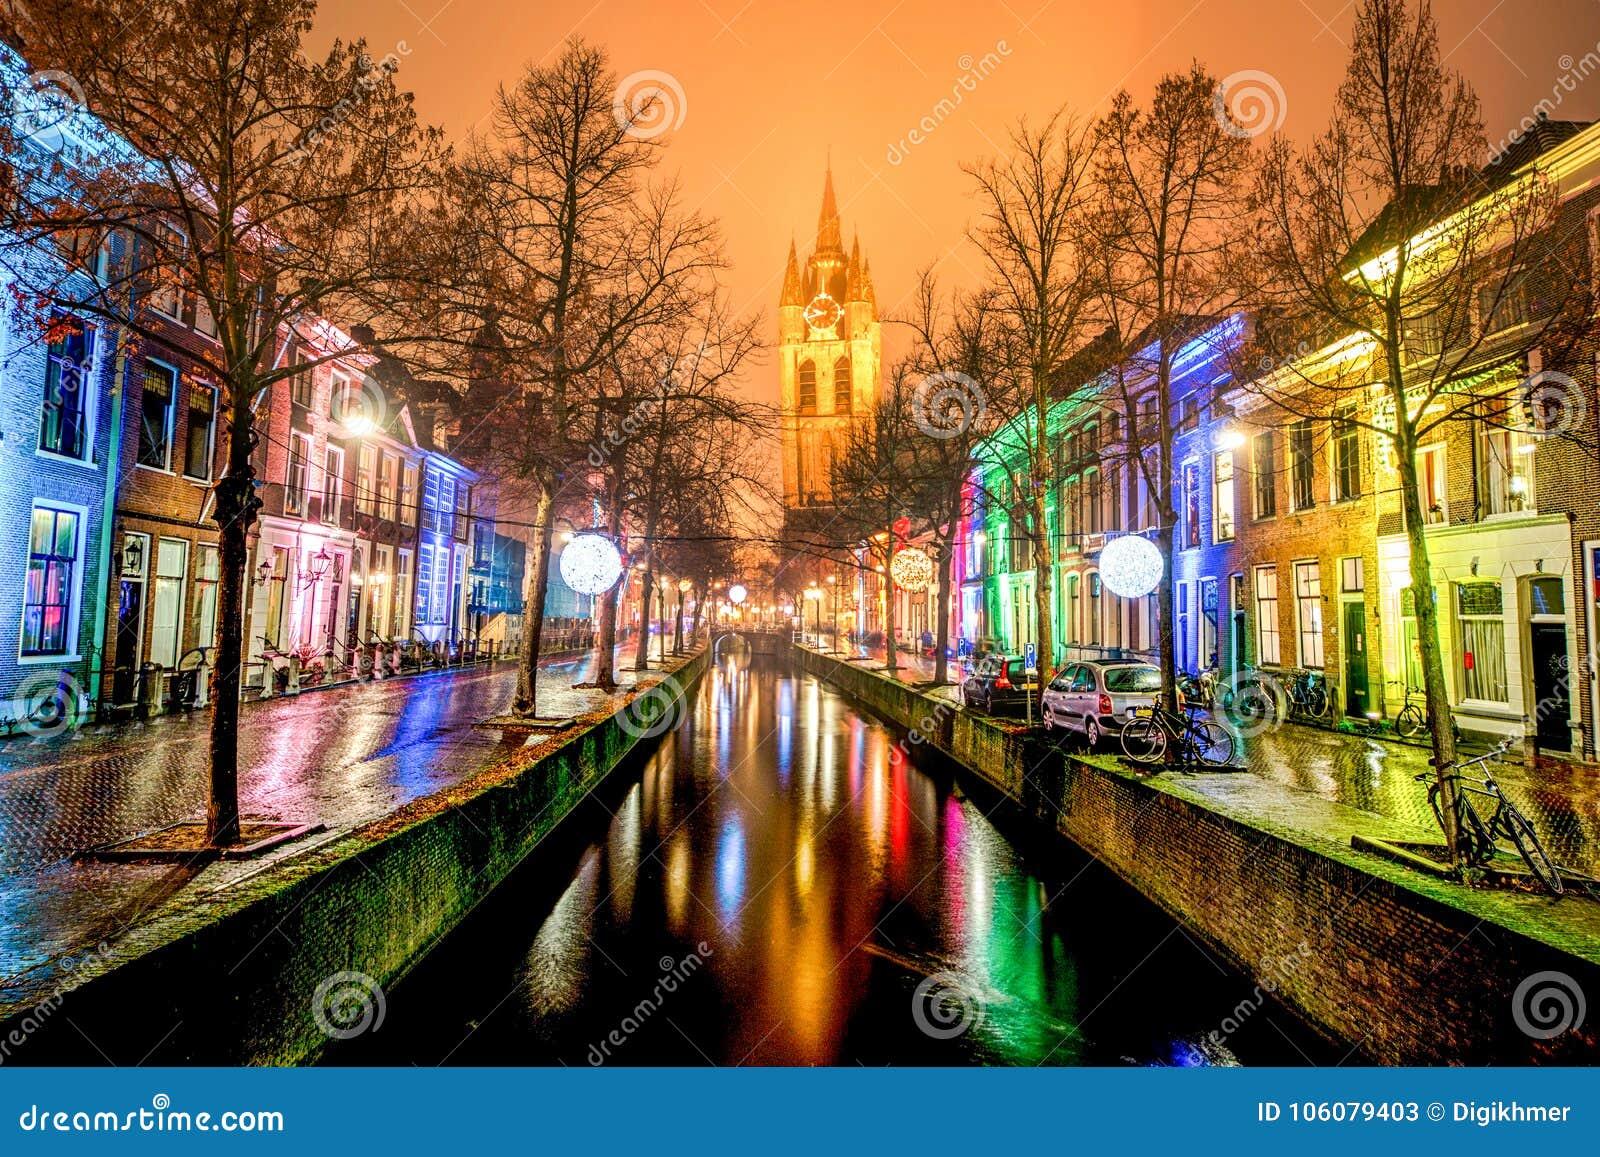 Saison de festival de lumière de Delft